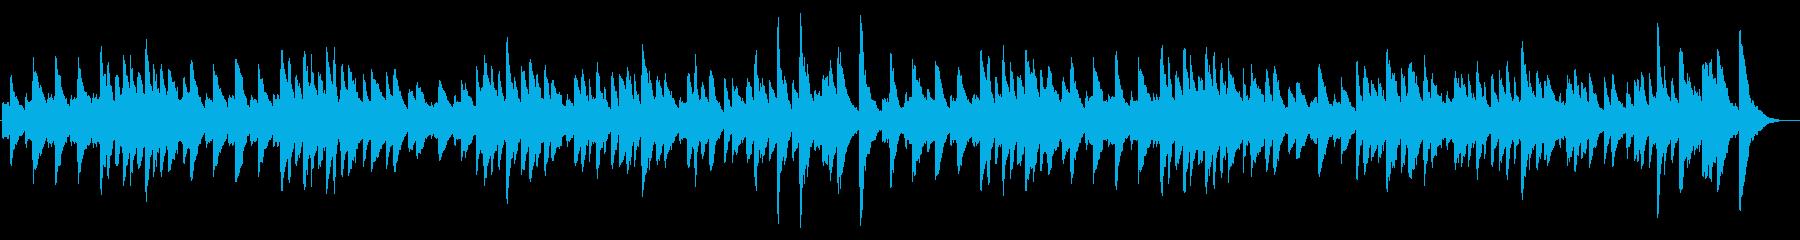 ジムノペティ ピアノソロbpm84の再生済みの波形